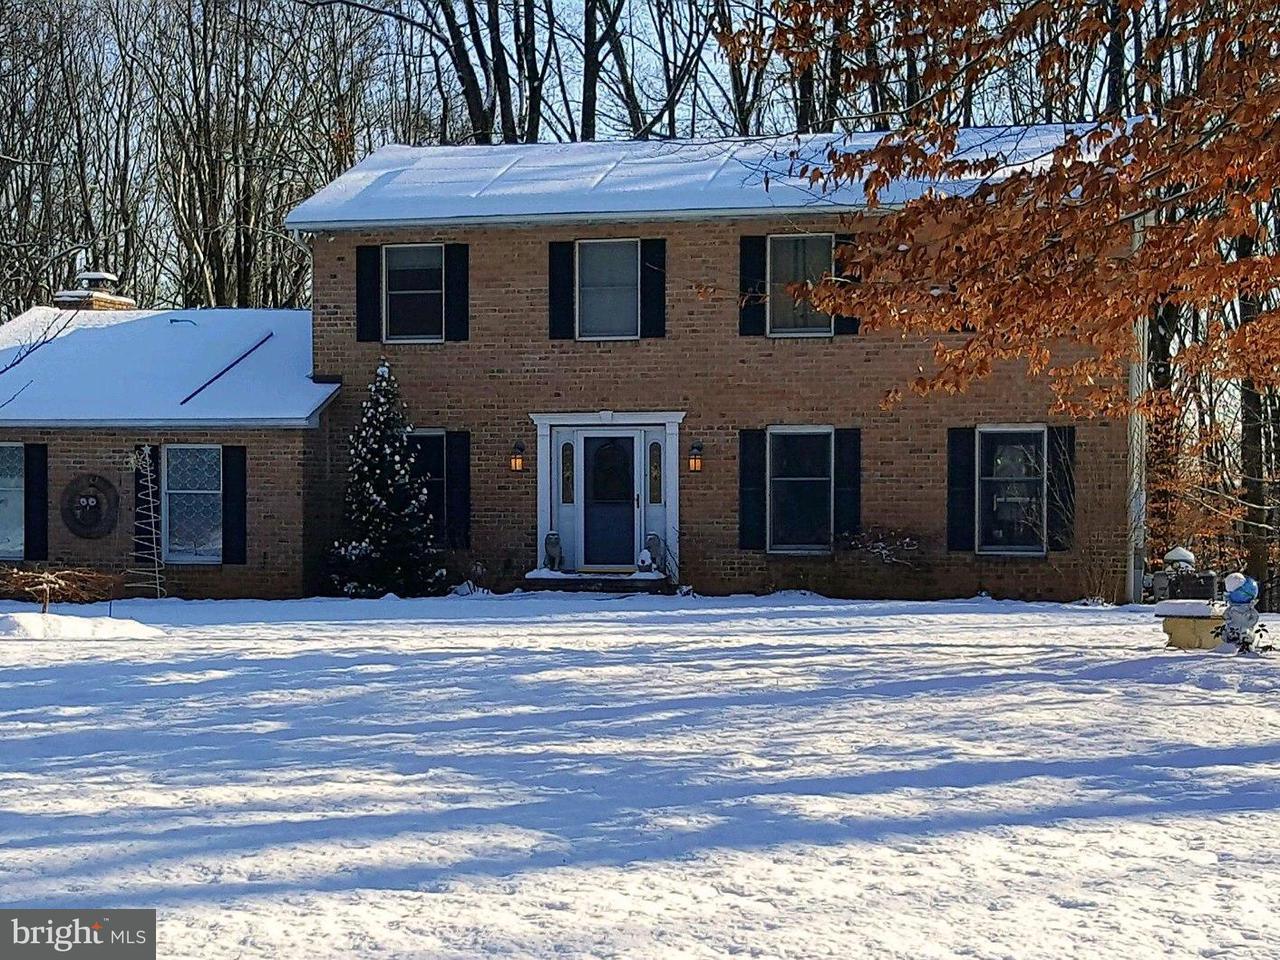 Частный односемейный дом для того Продажа на 11641 MANOR Road 11641 MANOR Road Glen Arm, Мэриленд 21057 Соединенные Штаты